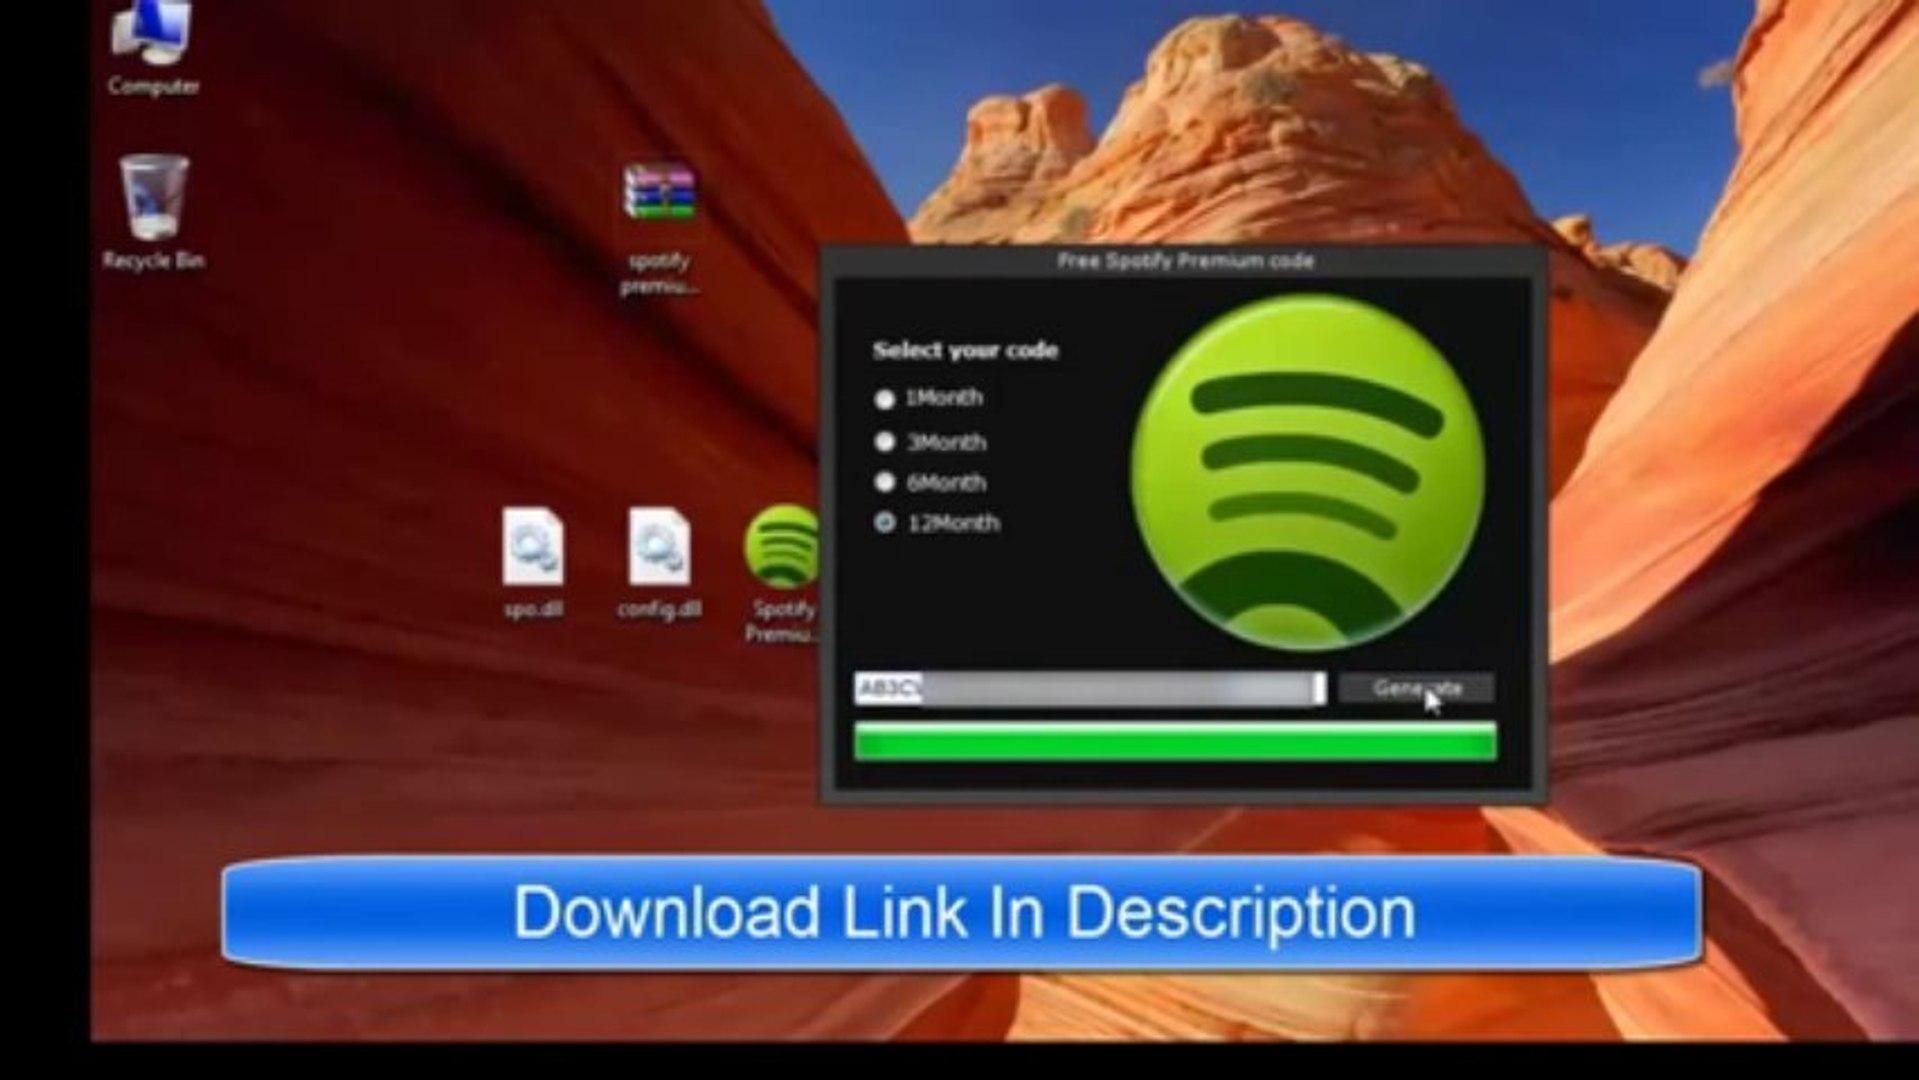 [HD] Spotify Premium Code Generator (September  2013)